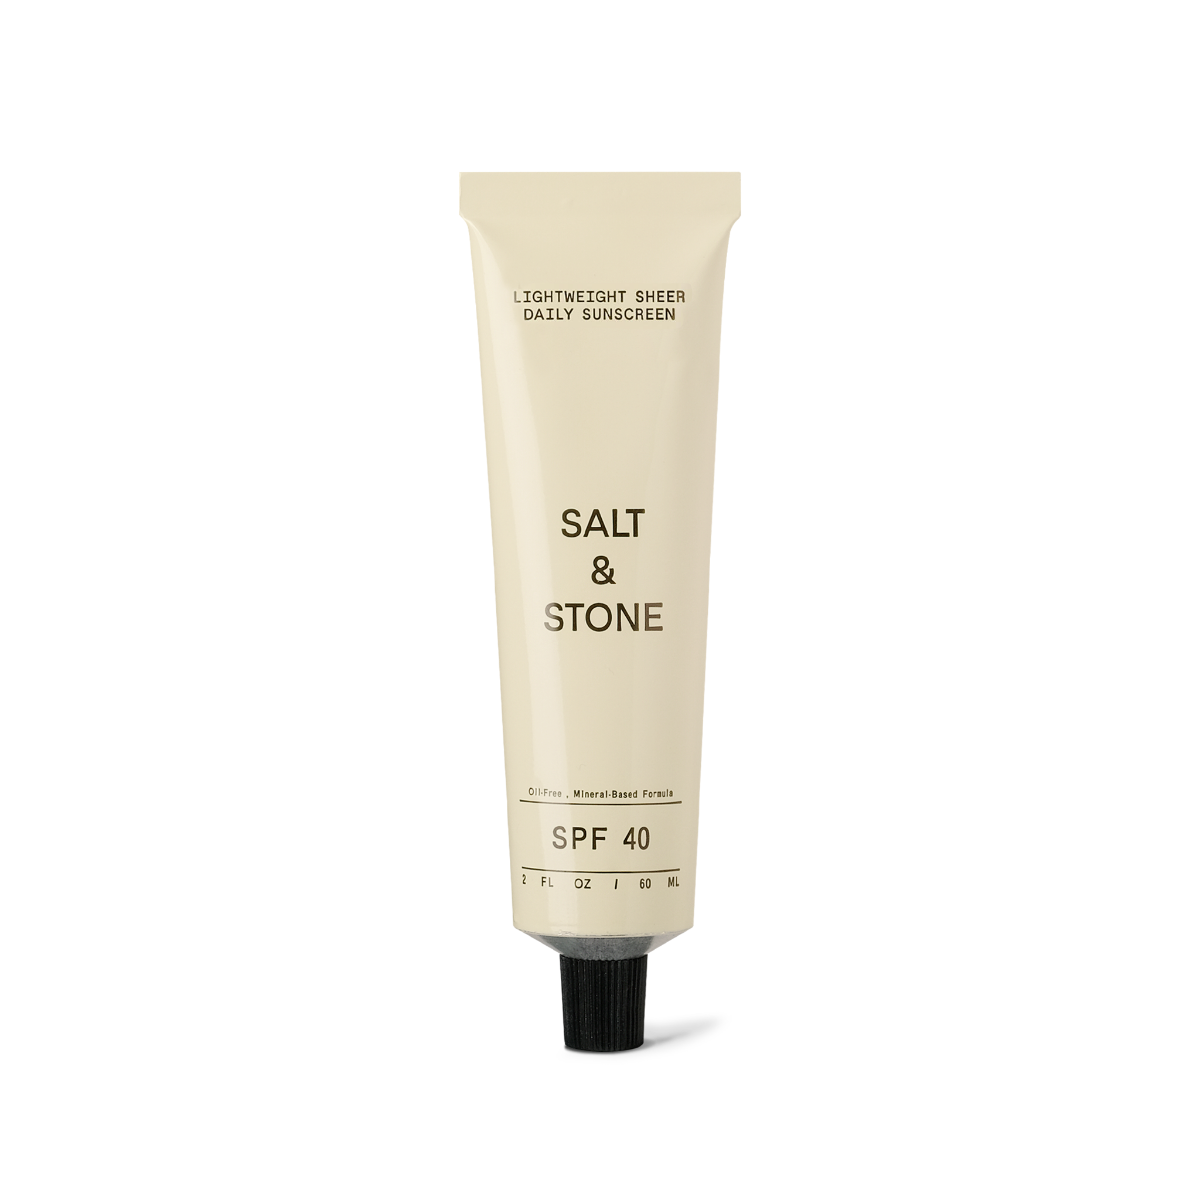 Lightweight Sheer Daily Sunscreen SPF 40